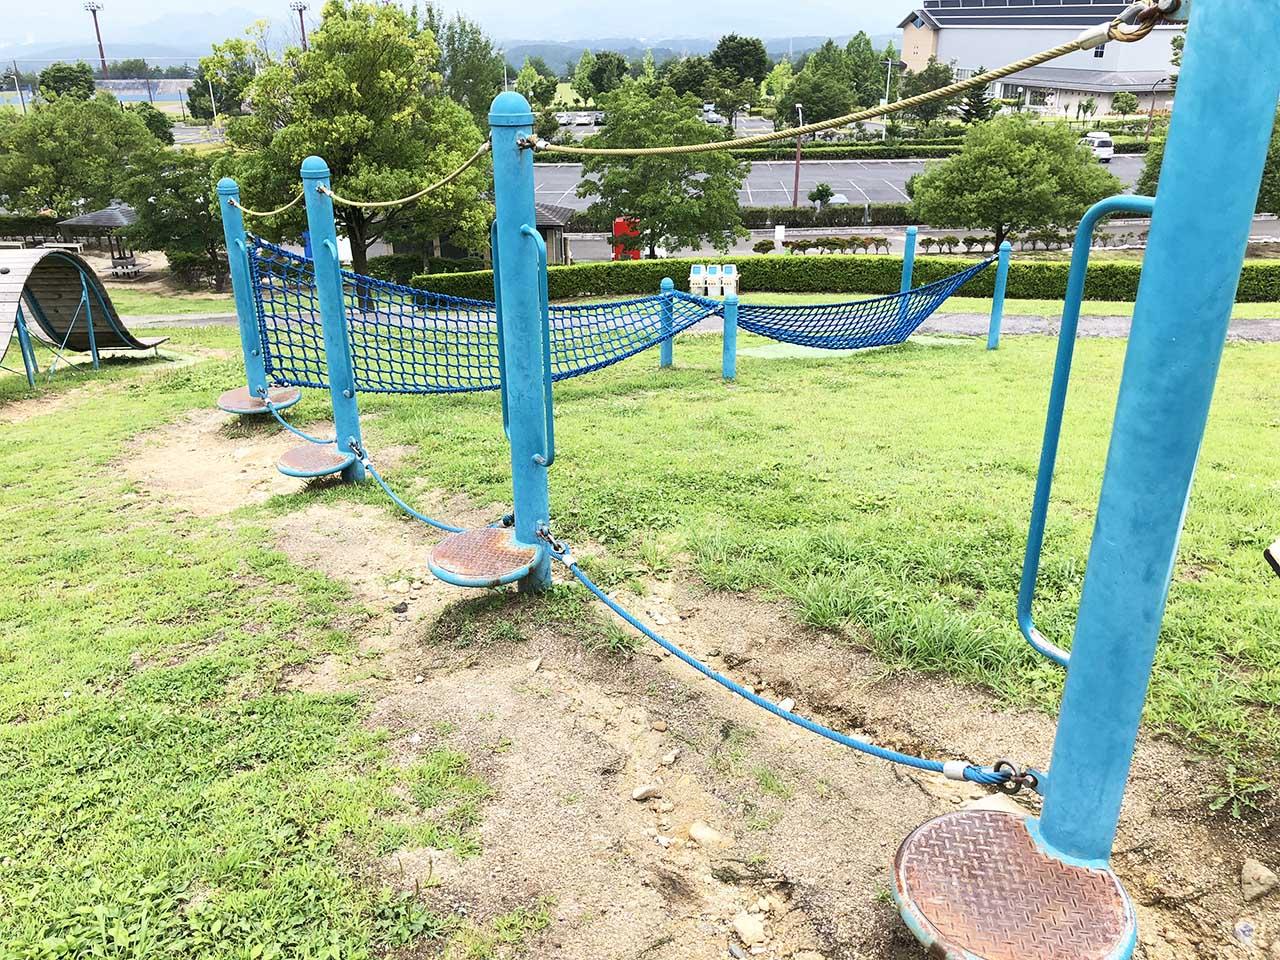 子供と遊ぶ公園中津川市の中津川公園の遊具広場ロープ渡り